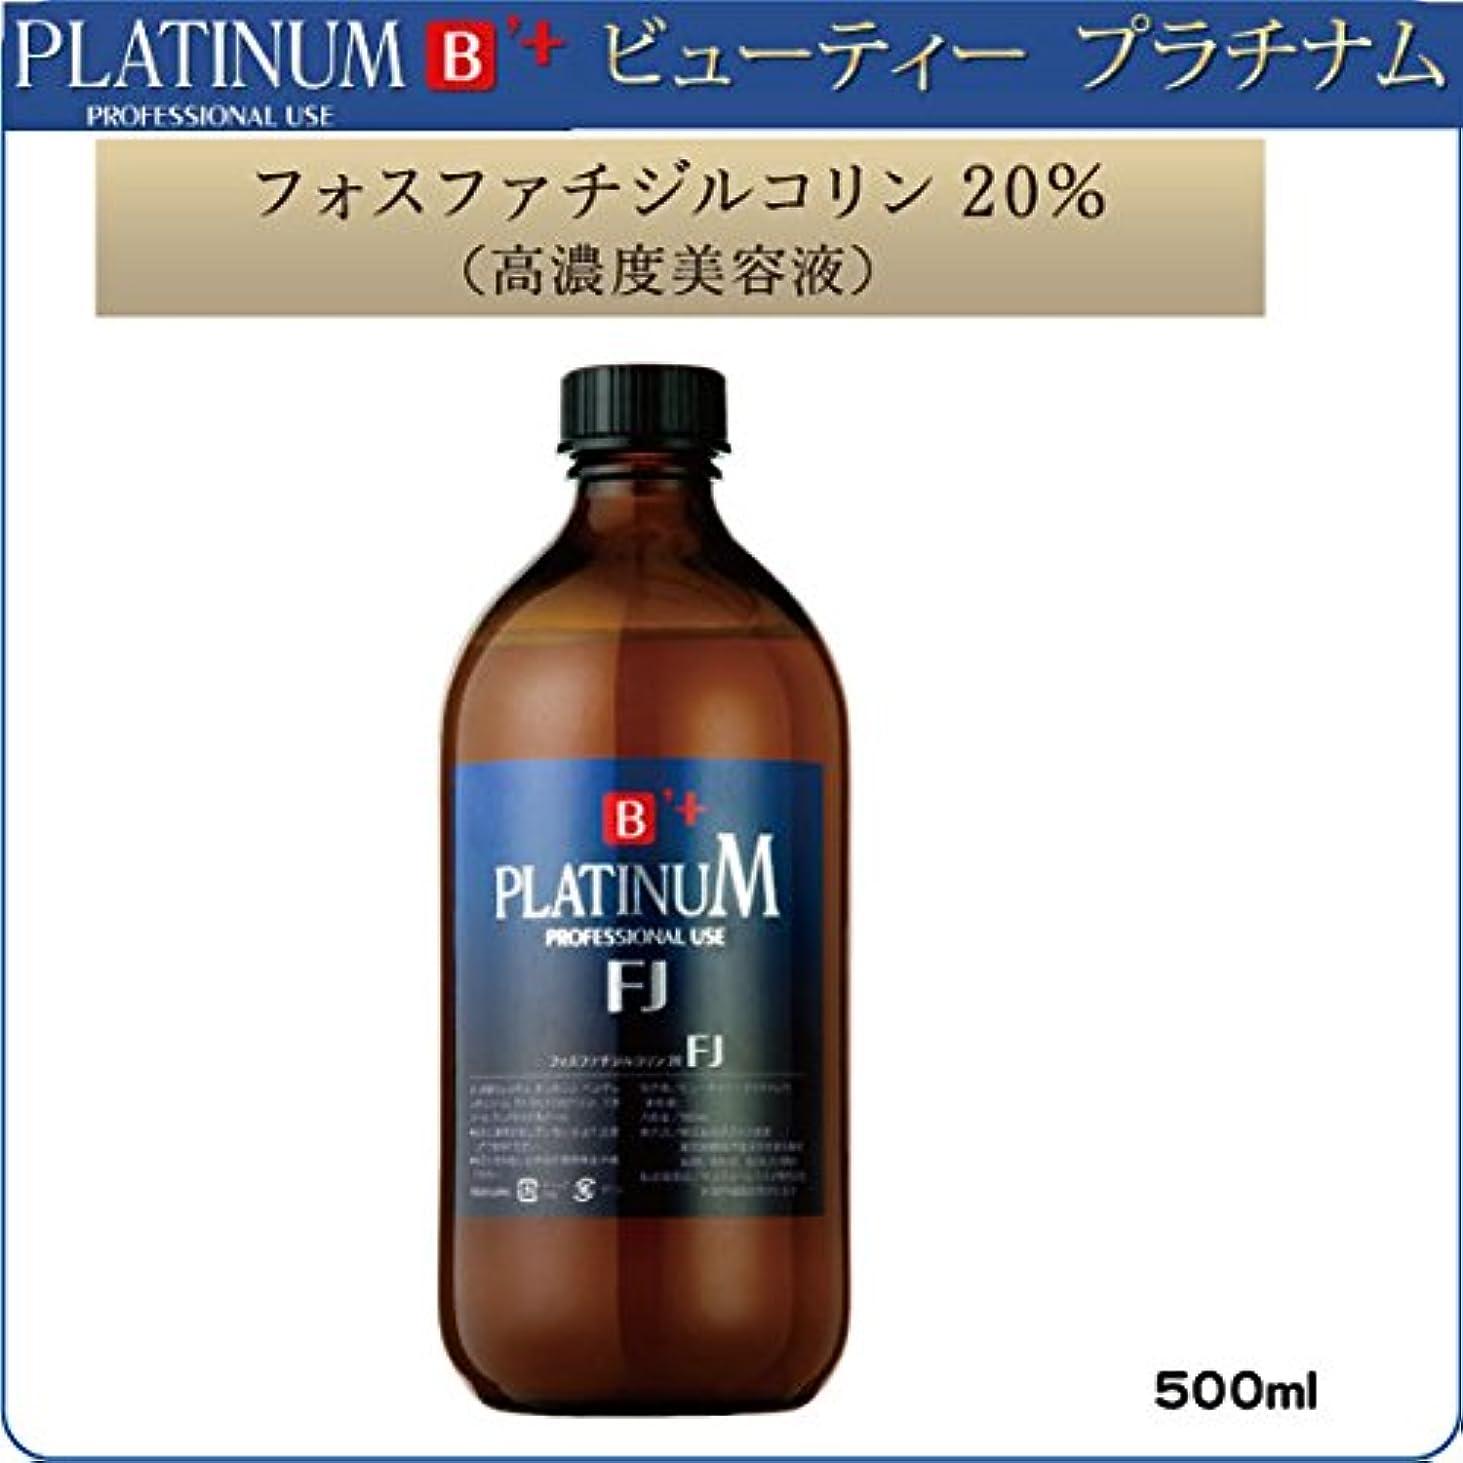 検出可能相反するアルネ【ビューティー プラチナム】 PLATINUM B'+  フォスファチジルコリン20%高濃度美容液  痩身専用:500ml